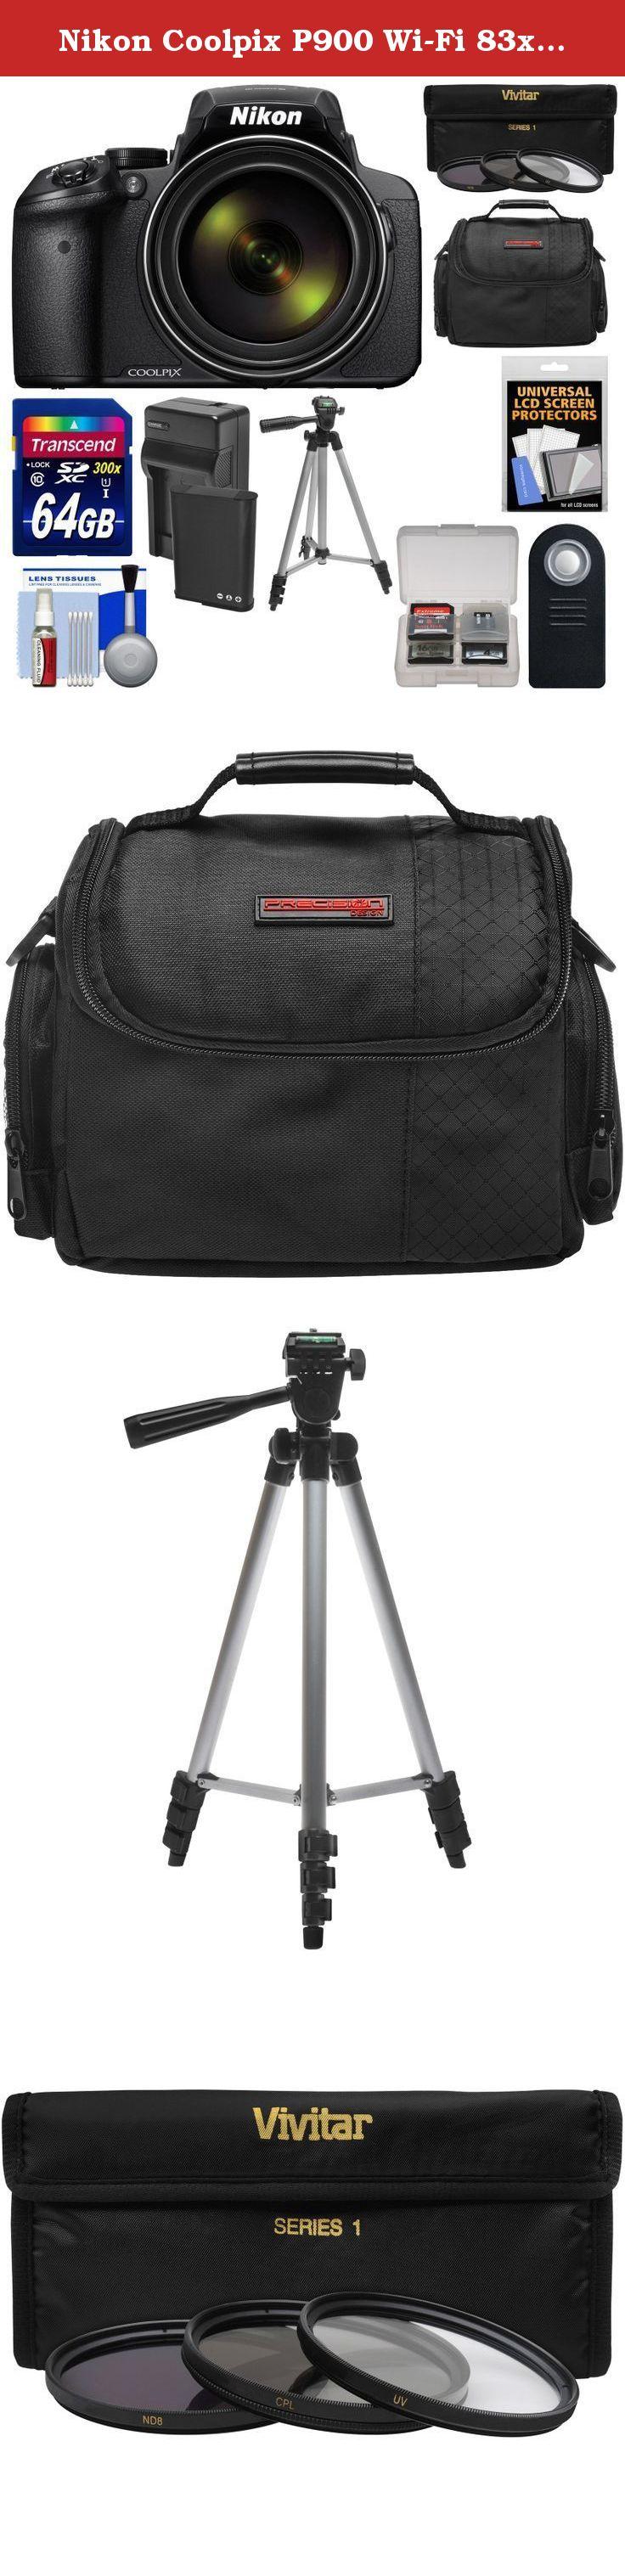 Nikon Coolpix P900 Wi Fi 83x Zoom Digital Camera 64gb Card